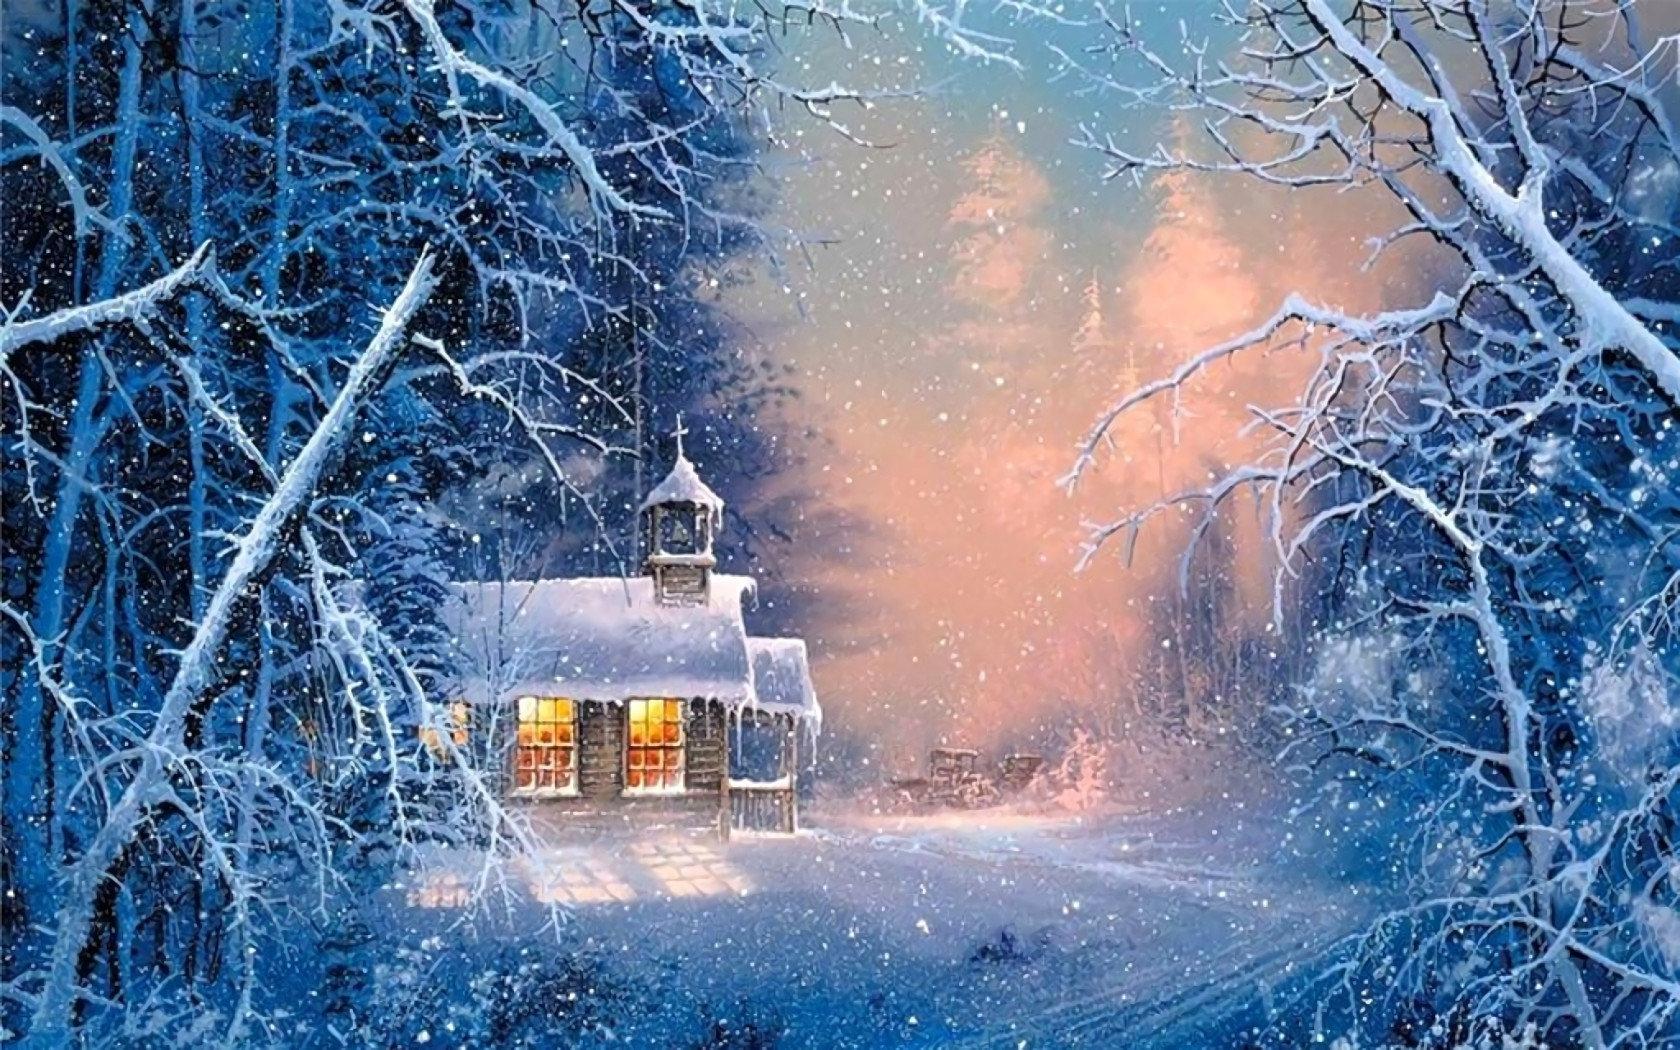 1680x1050 Playerunknowns Battlegrounds Artwork 1680x1050: Winter Wallpapers 1680x1050 Desktop Backgrounds